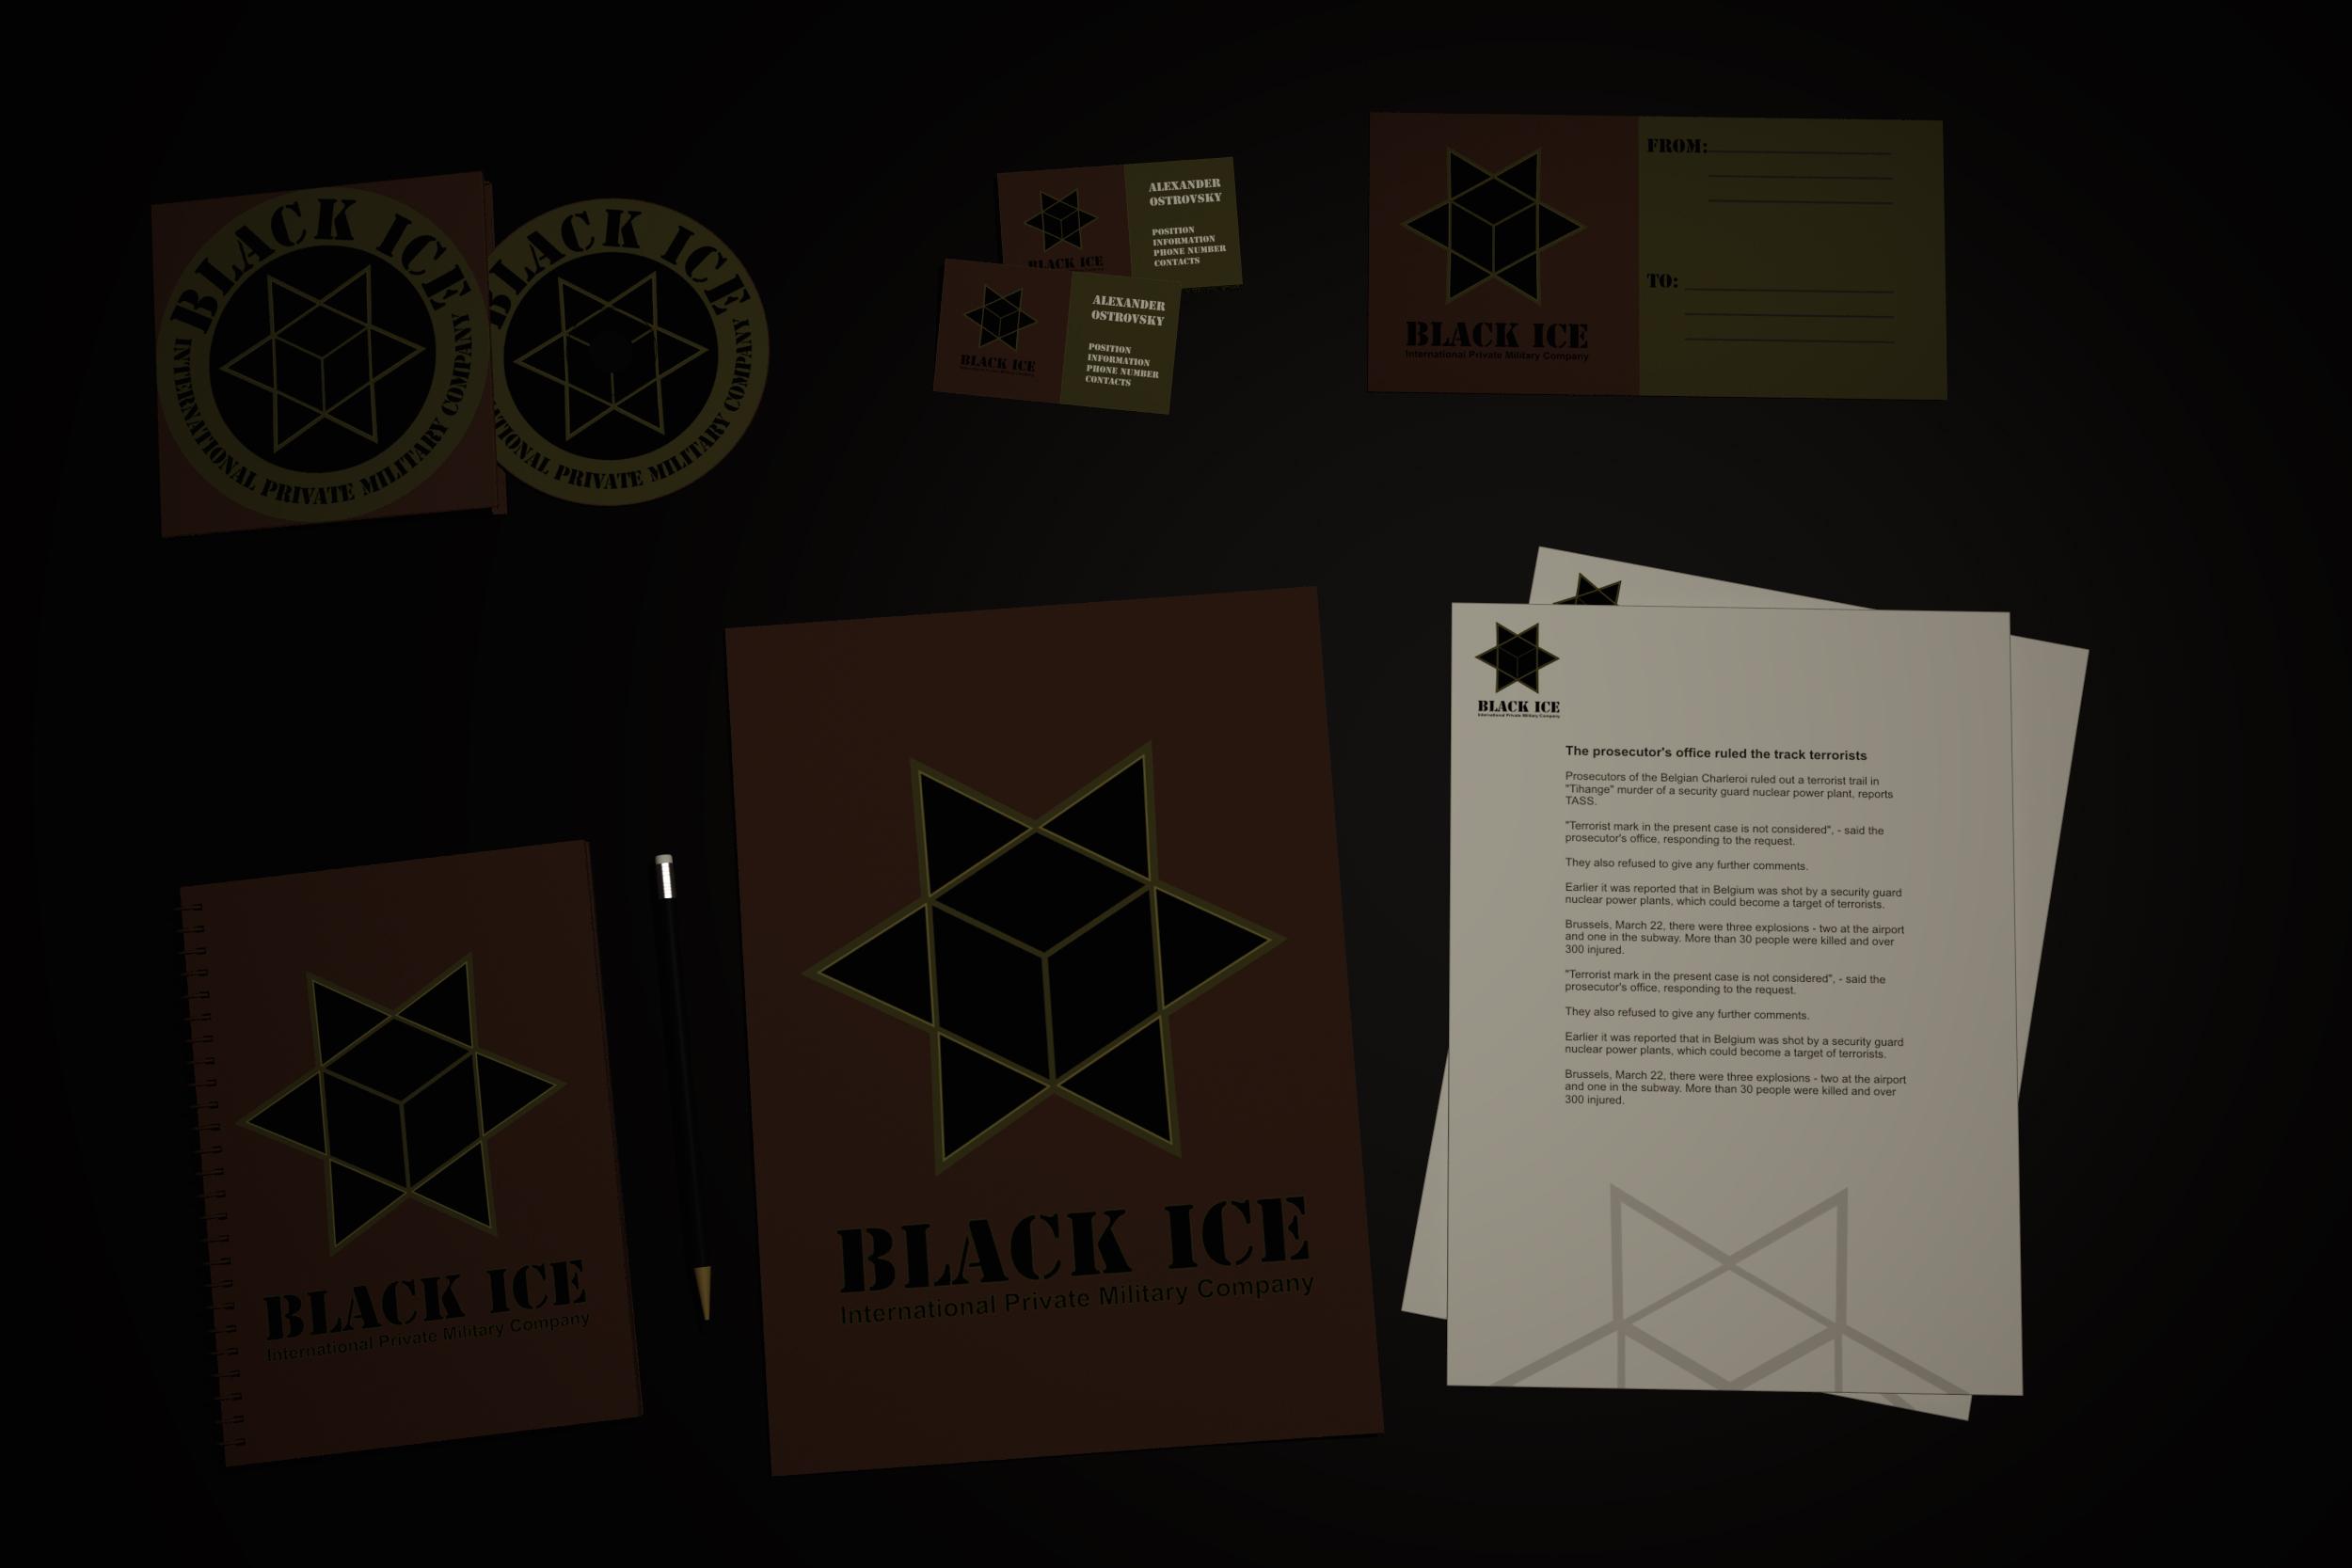 """Логотип + Фирменный стиль для компании """"BLACK ICE"""" фото f_34056f6cb7b254d5.jpg"""